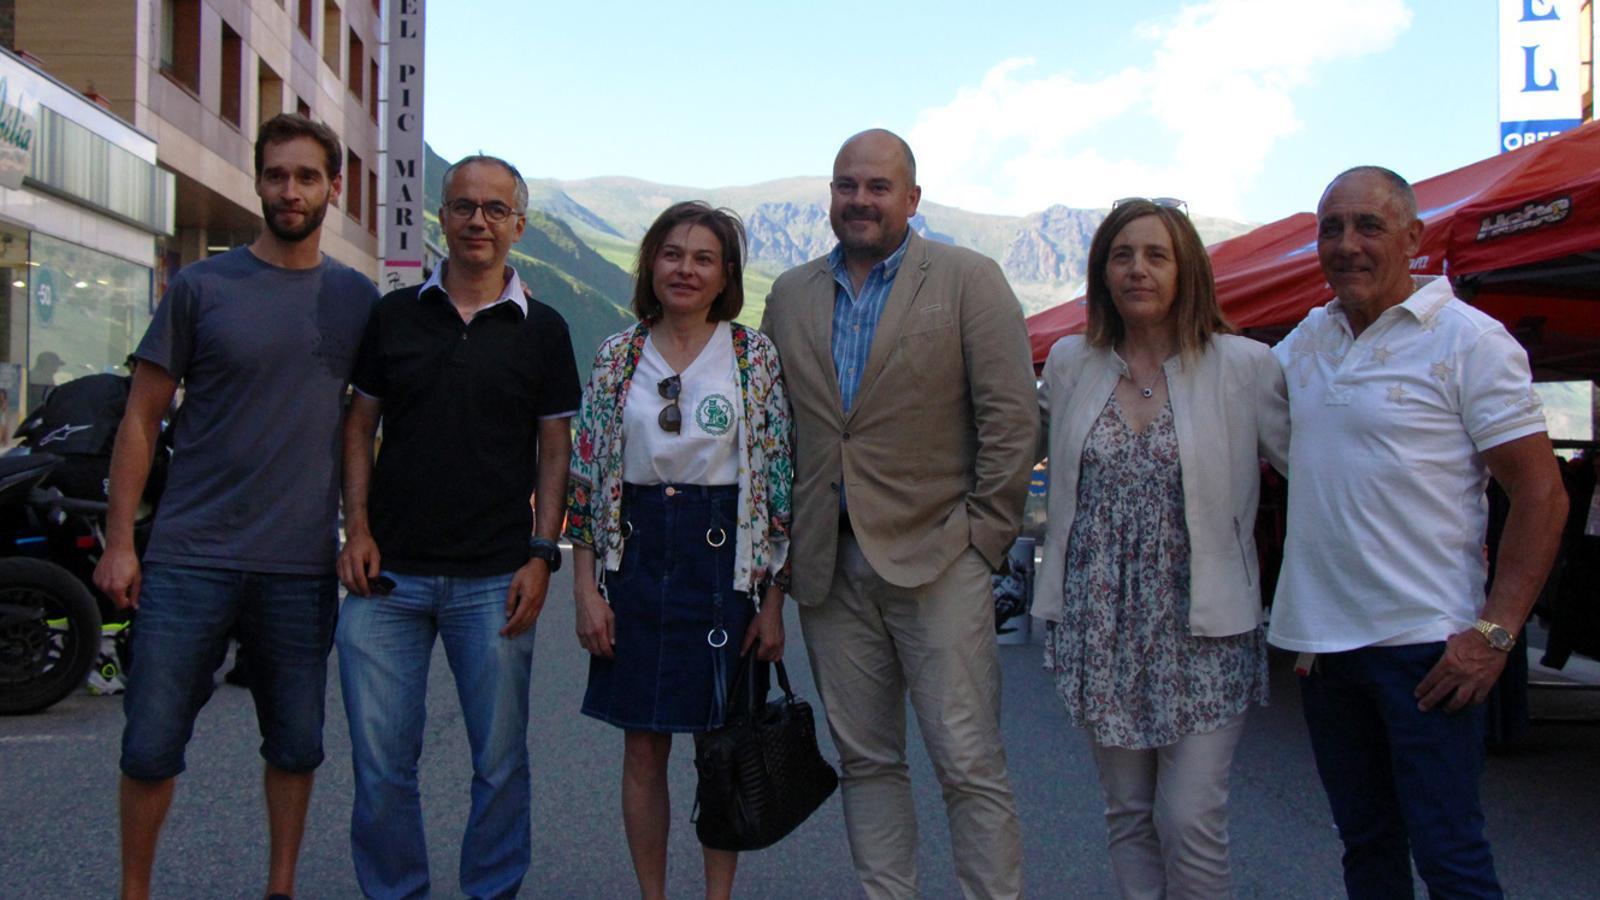 Representants nacionals i parroquials durant la inauguració de la novena edició de La Braderie del Pas de la Casa. / T. N. (ANA)